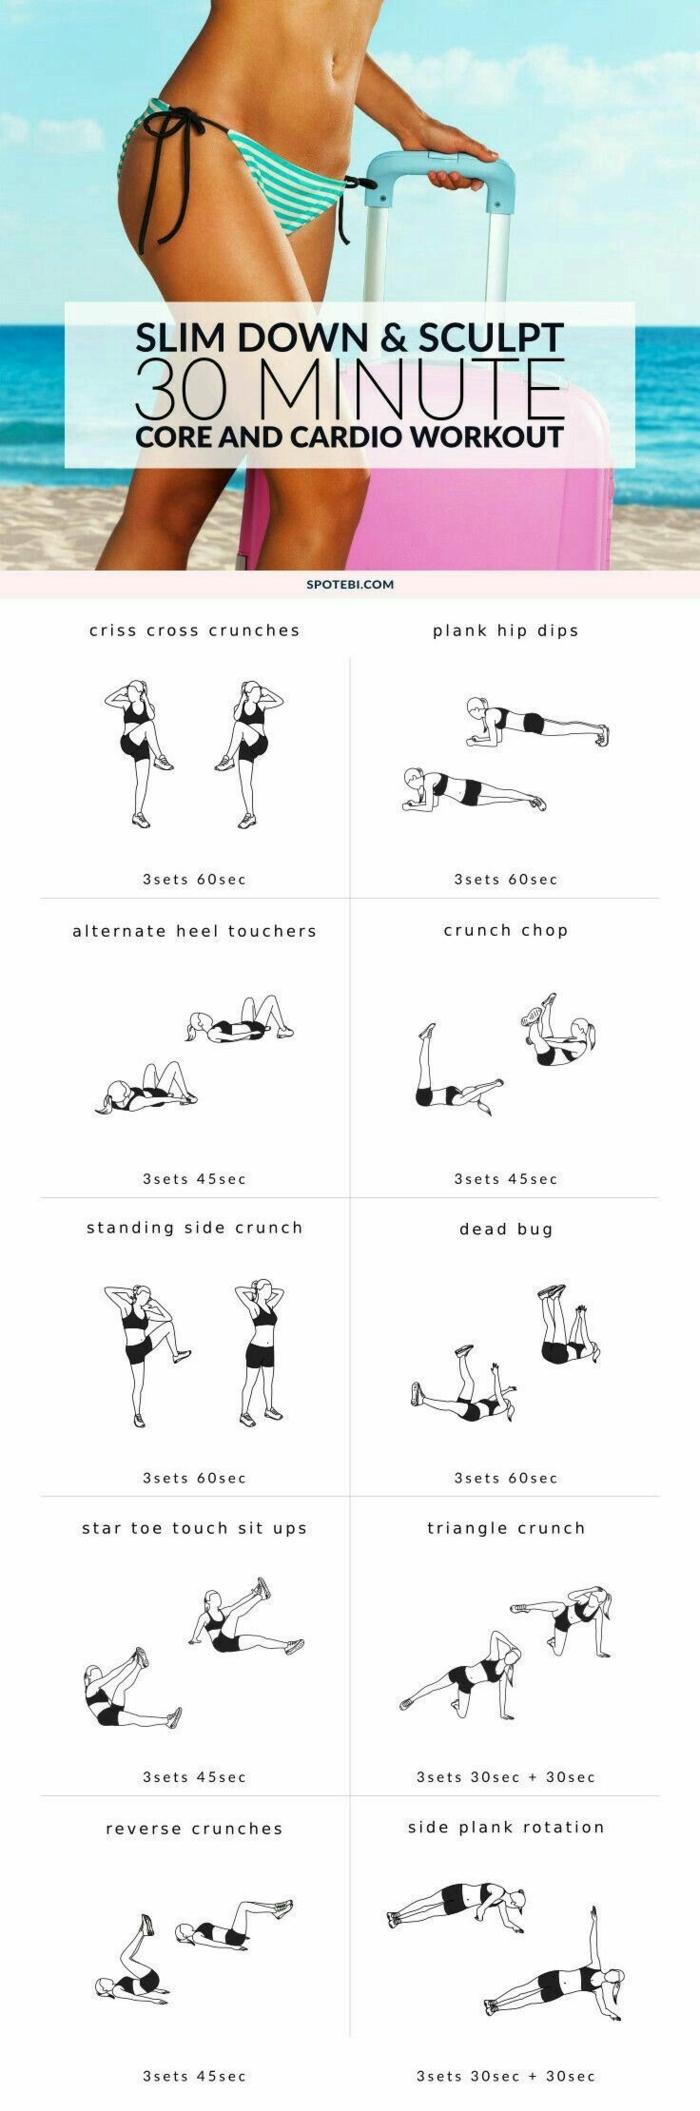 dreißig Minuten Übungen machen und Körper straffen, fit ohne Geräte trainieren mit dem eigenen Körpergewicht